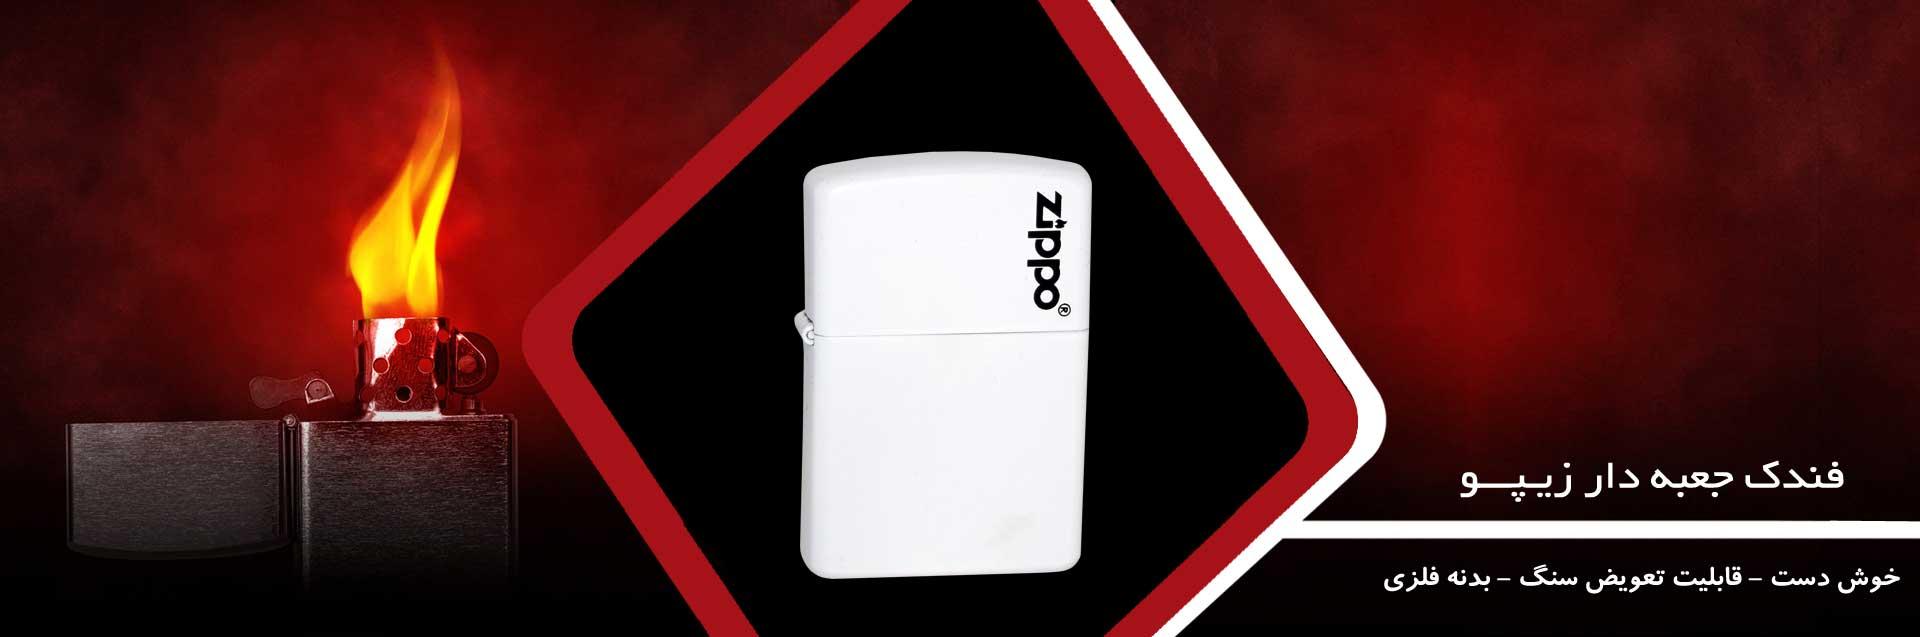 خرید آنلاین انواع فندک زیپو هدیه روز پدر-خرید فندک زیپو-خرید فندک zipo - فروشگاه اینترنتی فندک مارکت